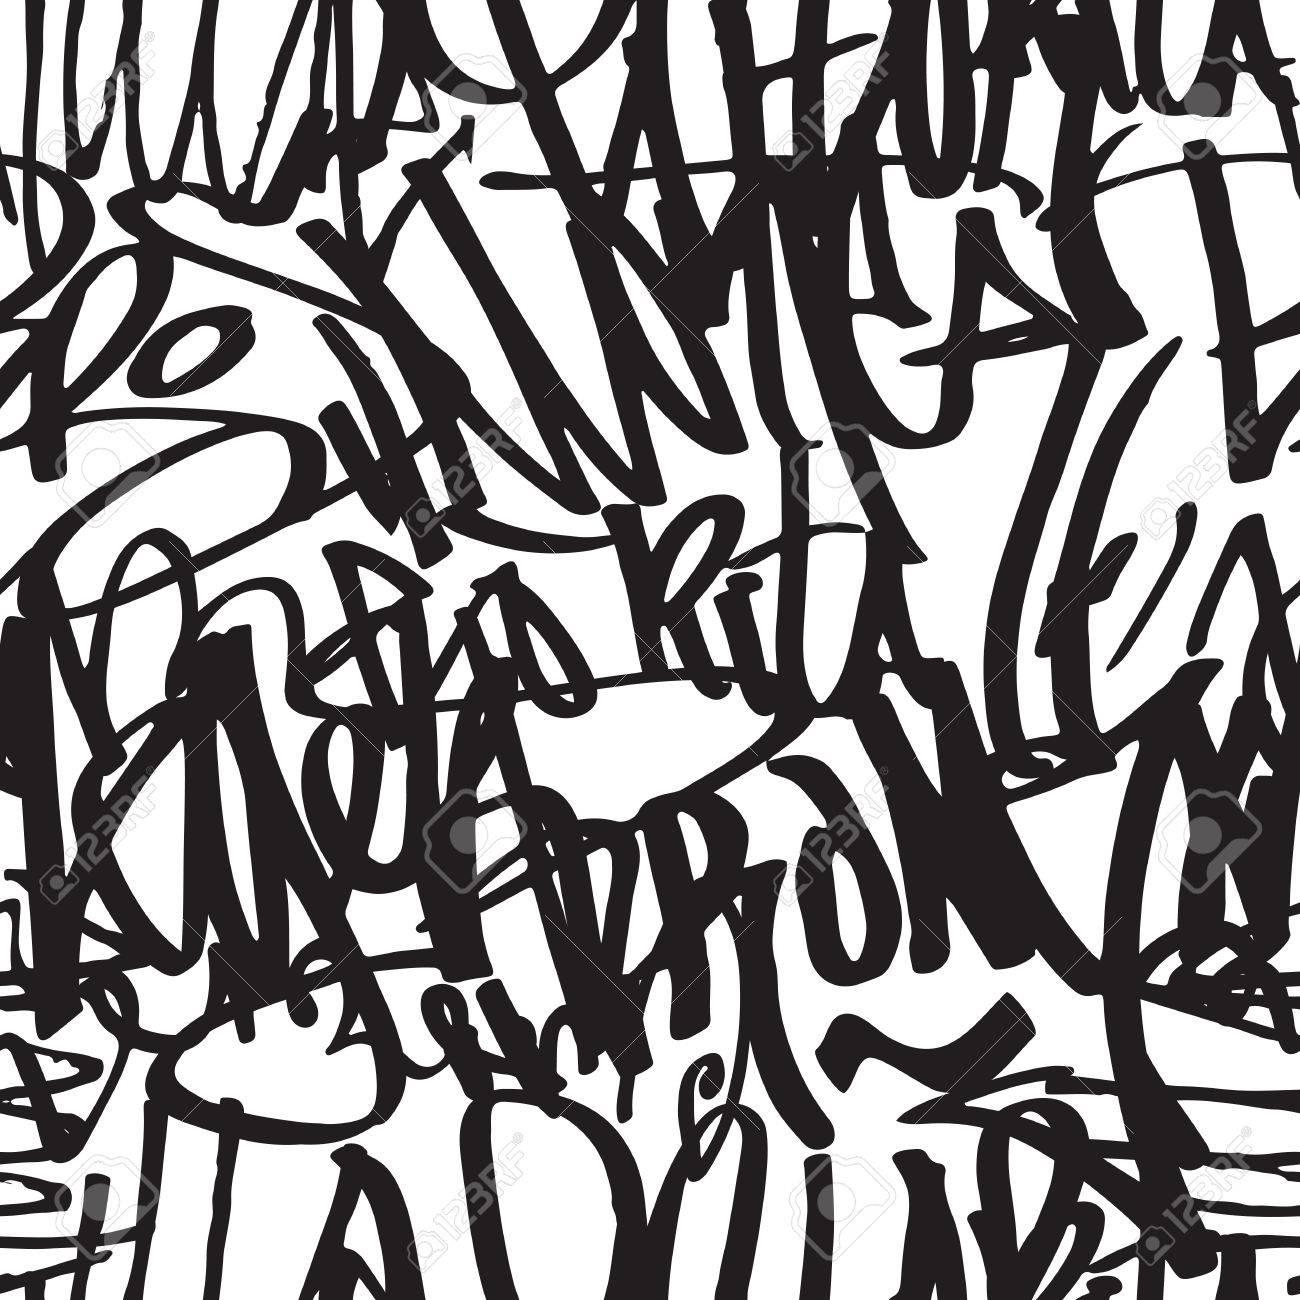 Graffiti Background Seamless Pattern Vector Tags Writing 1300x1300